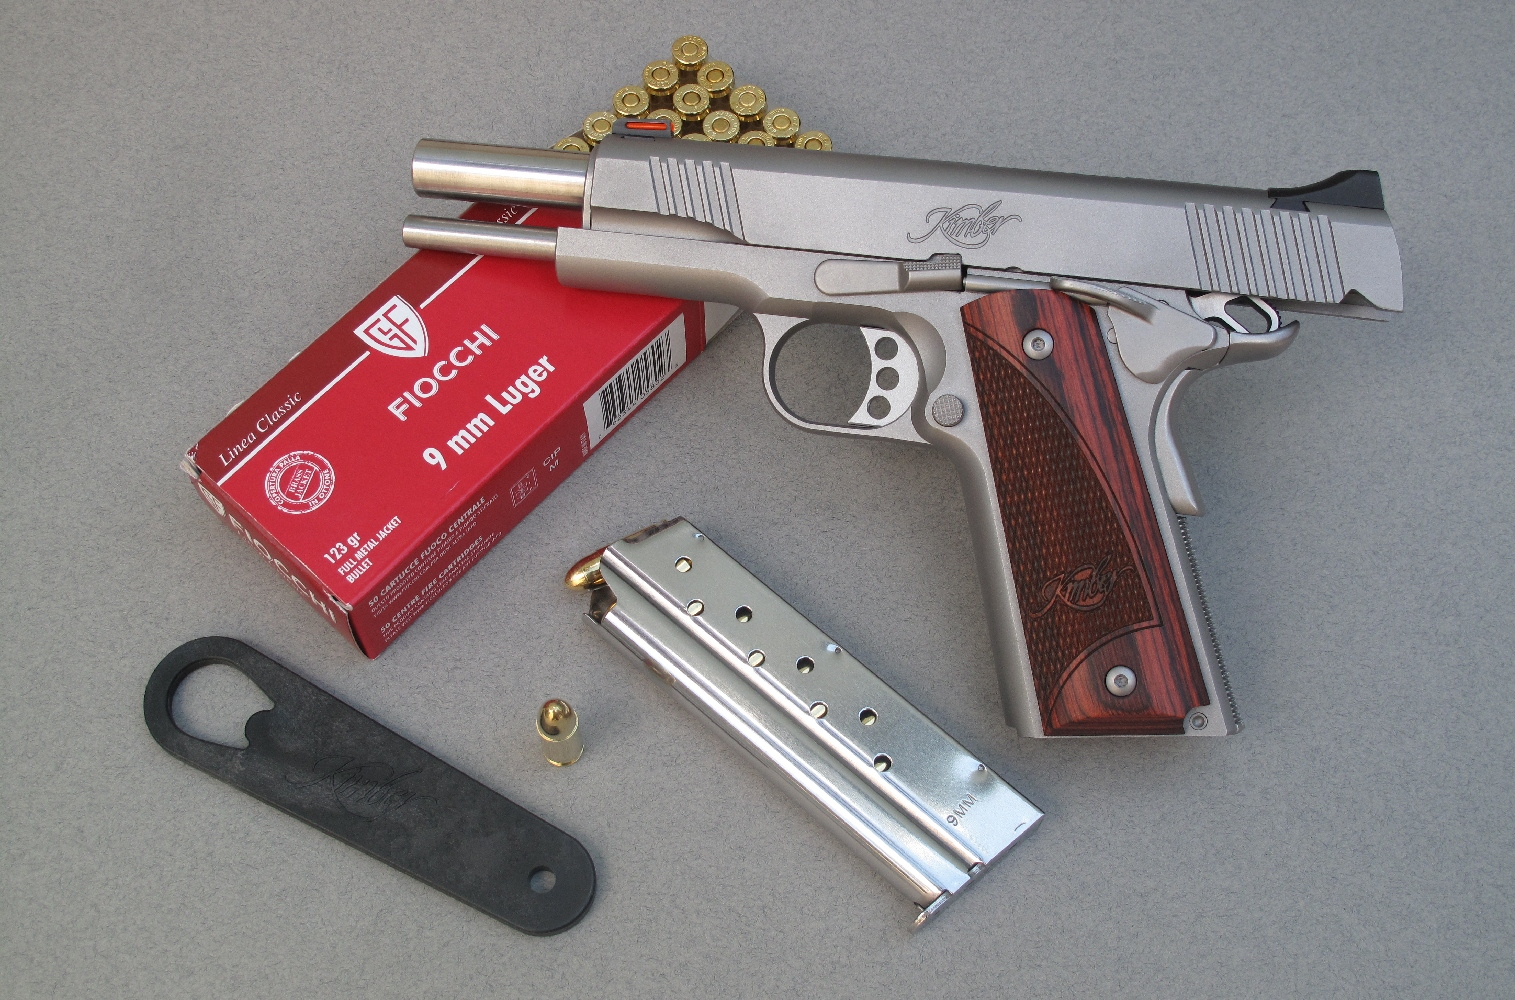 Ce pistolet est livré accompagné d'un seul chargeur et d'une clé de bushing en polymère pour faciliter son démontage.